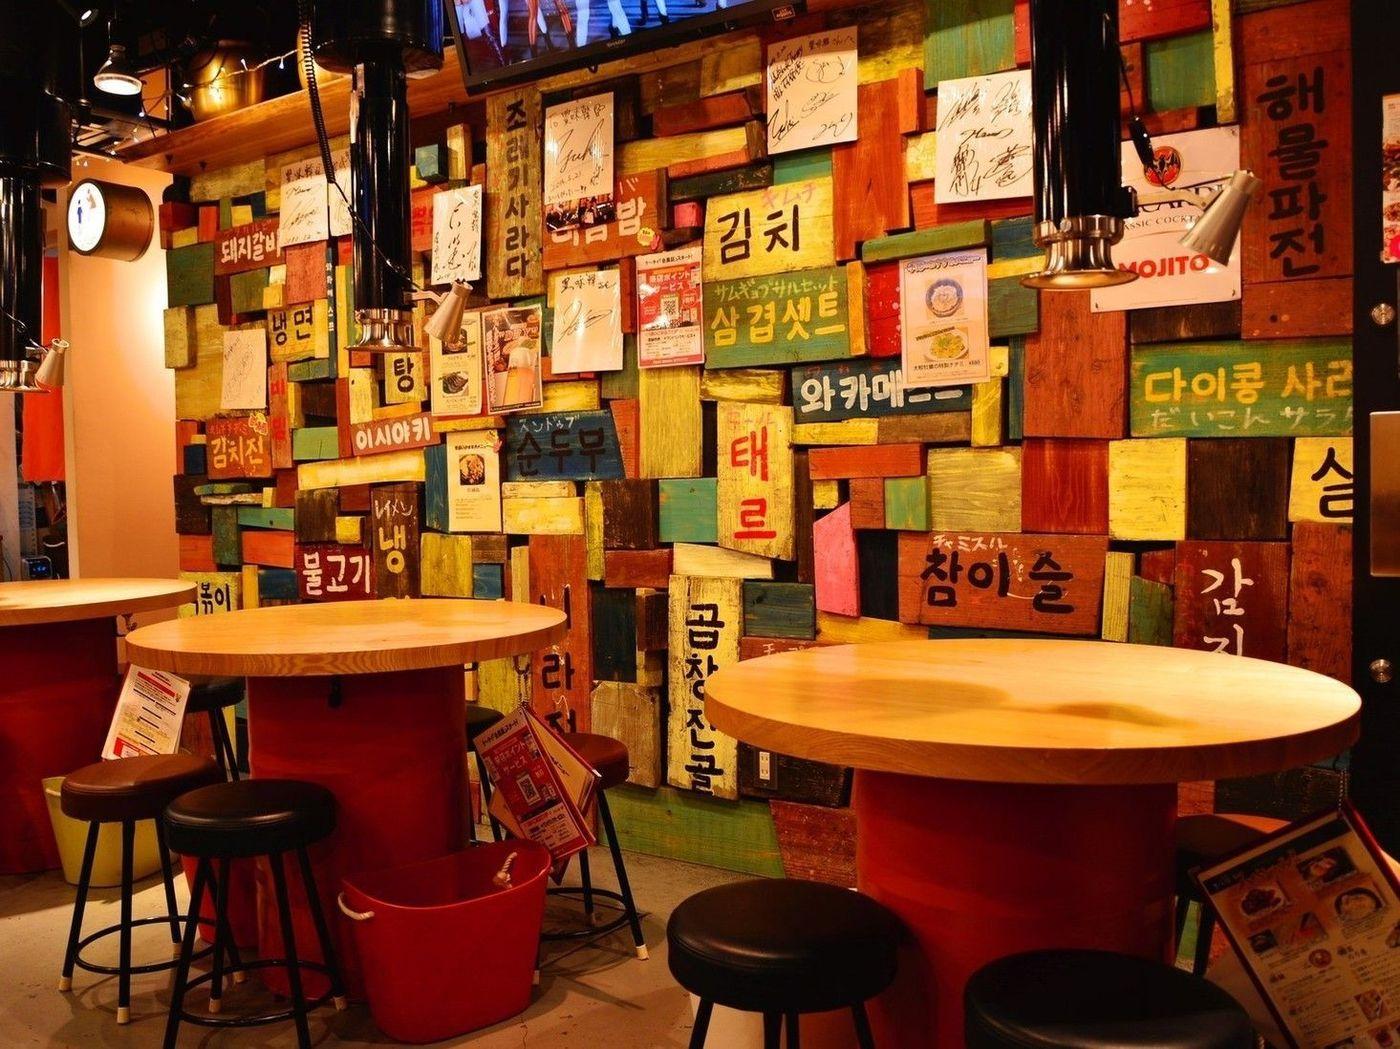 【金山】今食べたい韓国料理はこれ!ランチにも嬉しい人気店5選の画像